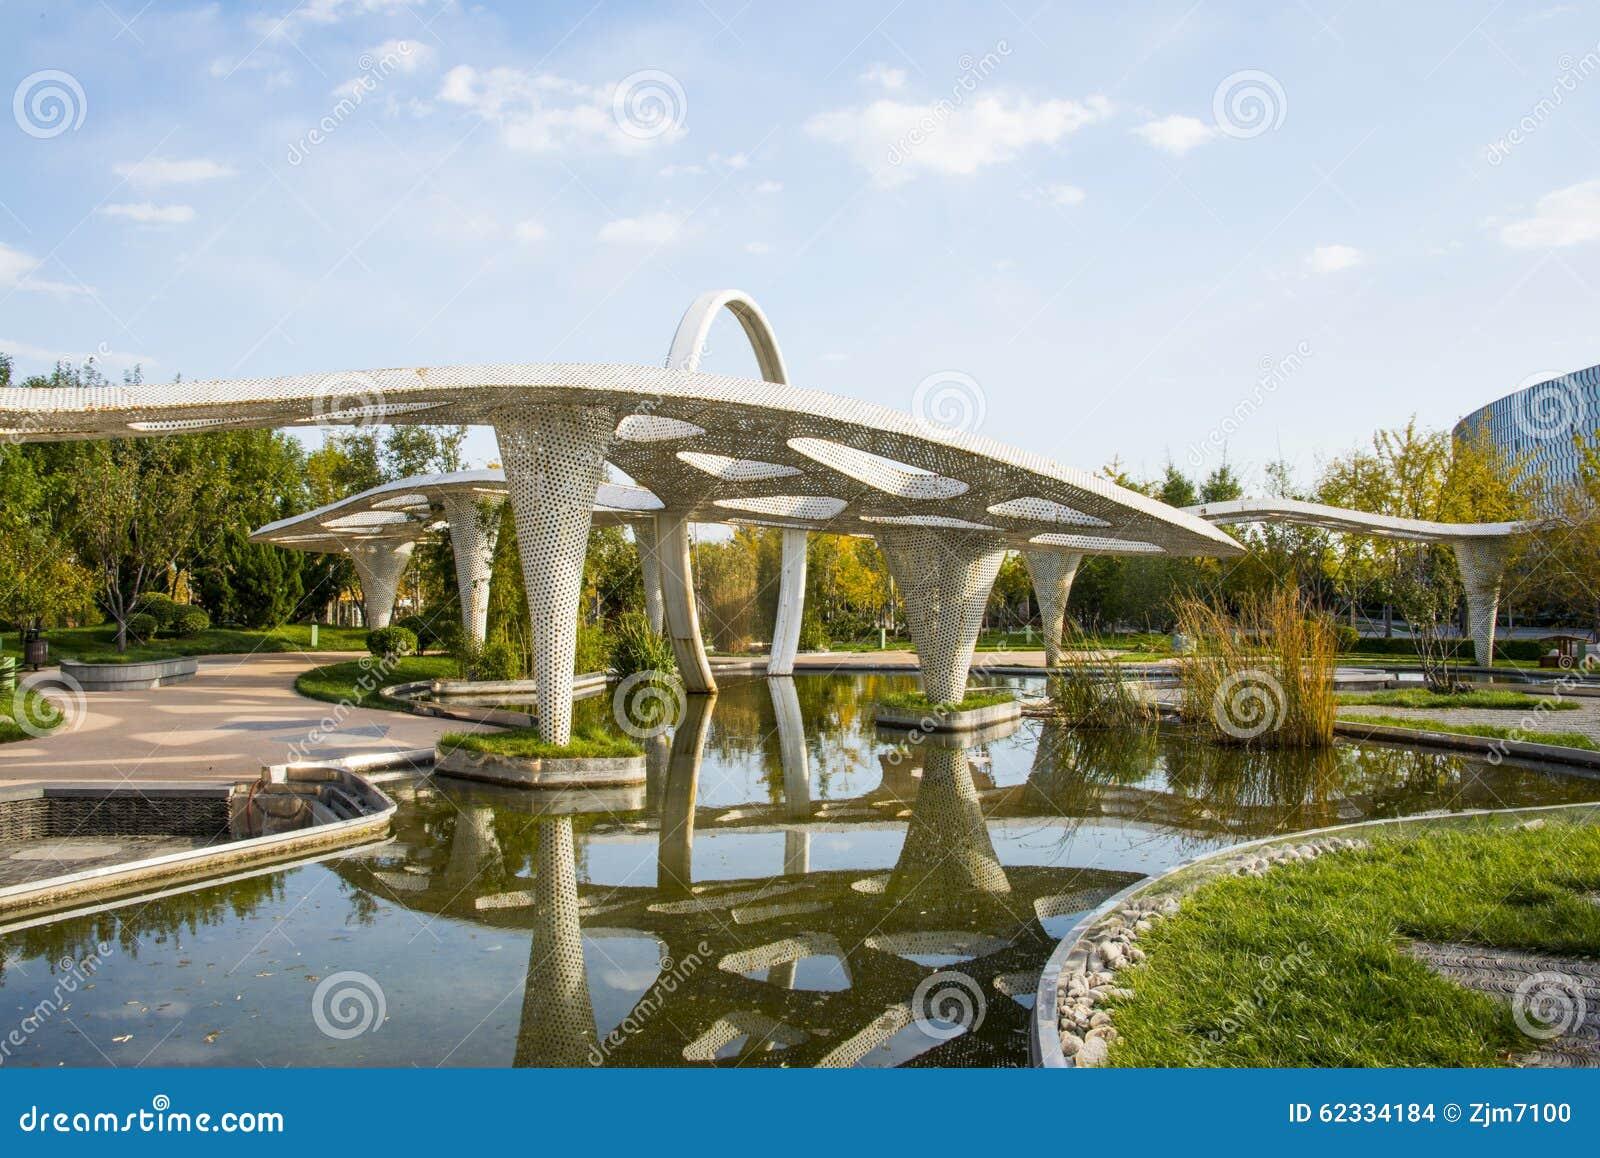 Chinois de l 39 asie p kin expo de jardin architecture de for Architecture de jardin